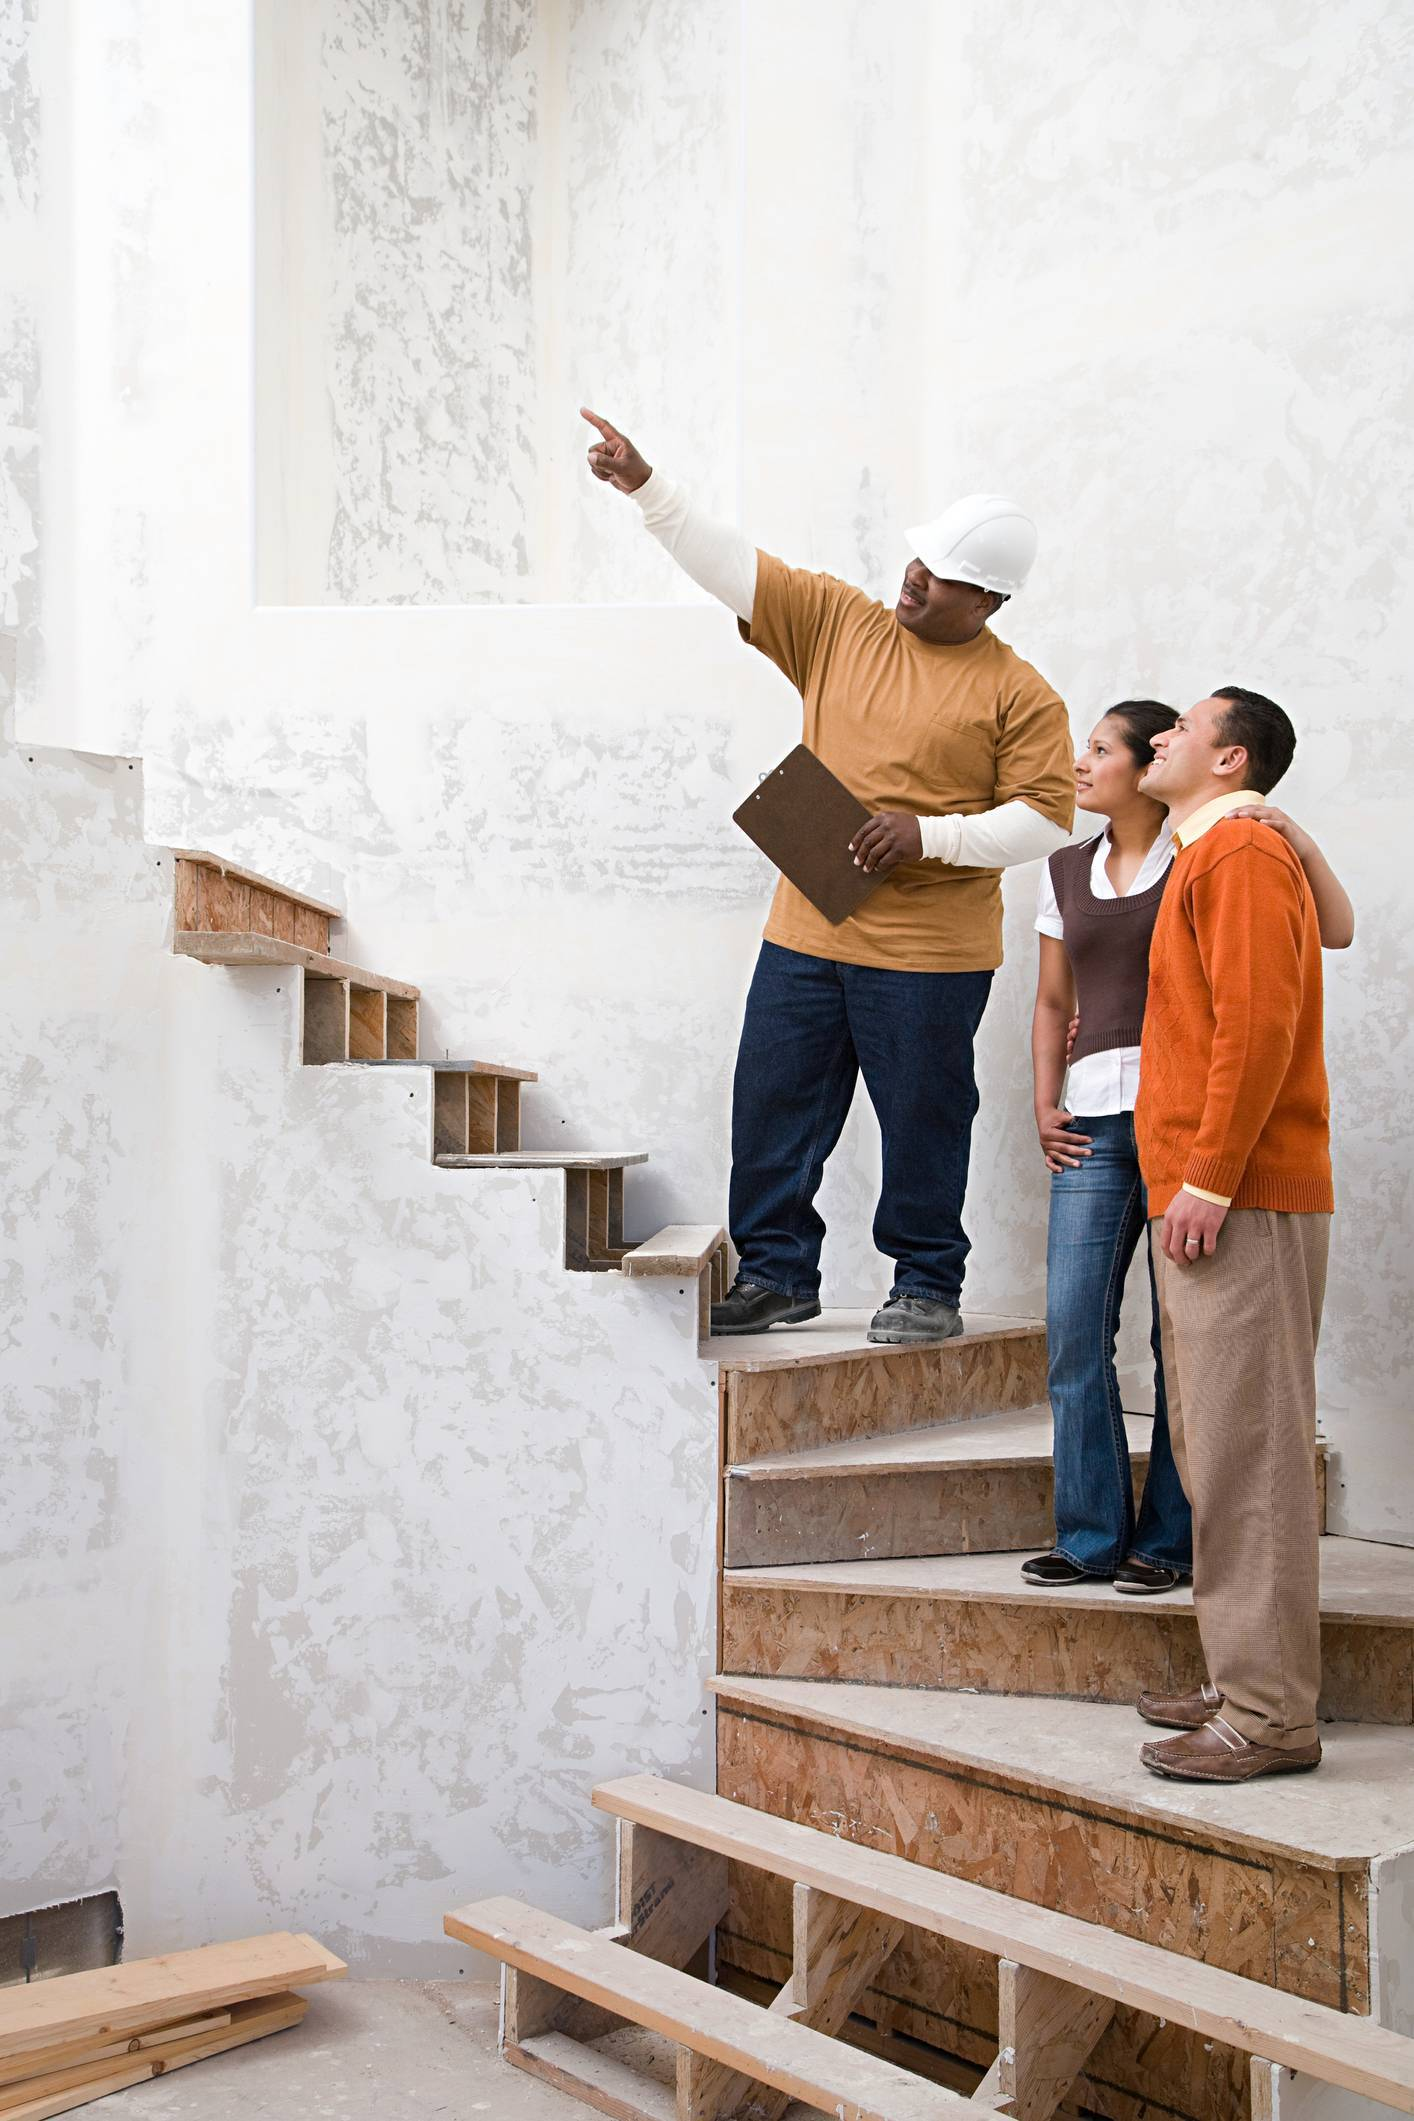 rénovation de maison fabrication d'escalier sur mesure